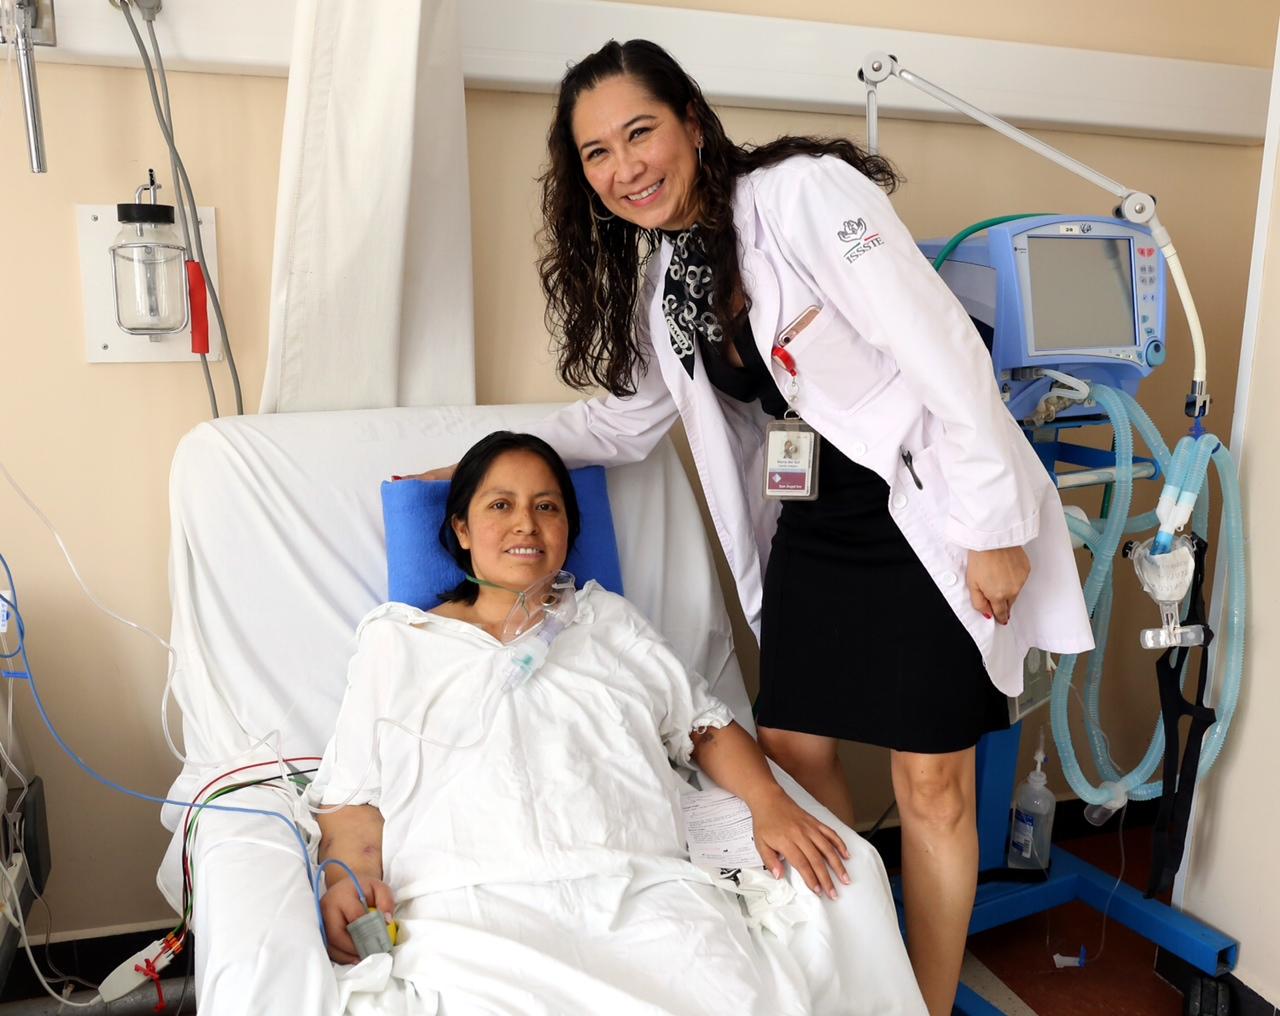 Doctora del ISSSTE  la 1ª mujer en realizar un trasplante de corazón en México, y la 1ª en América Latina en realizar cirugía robótica de corazón